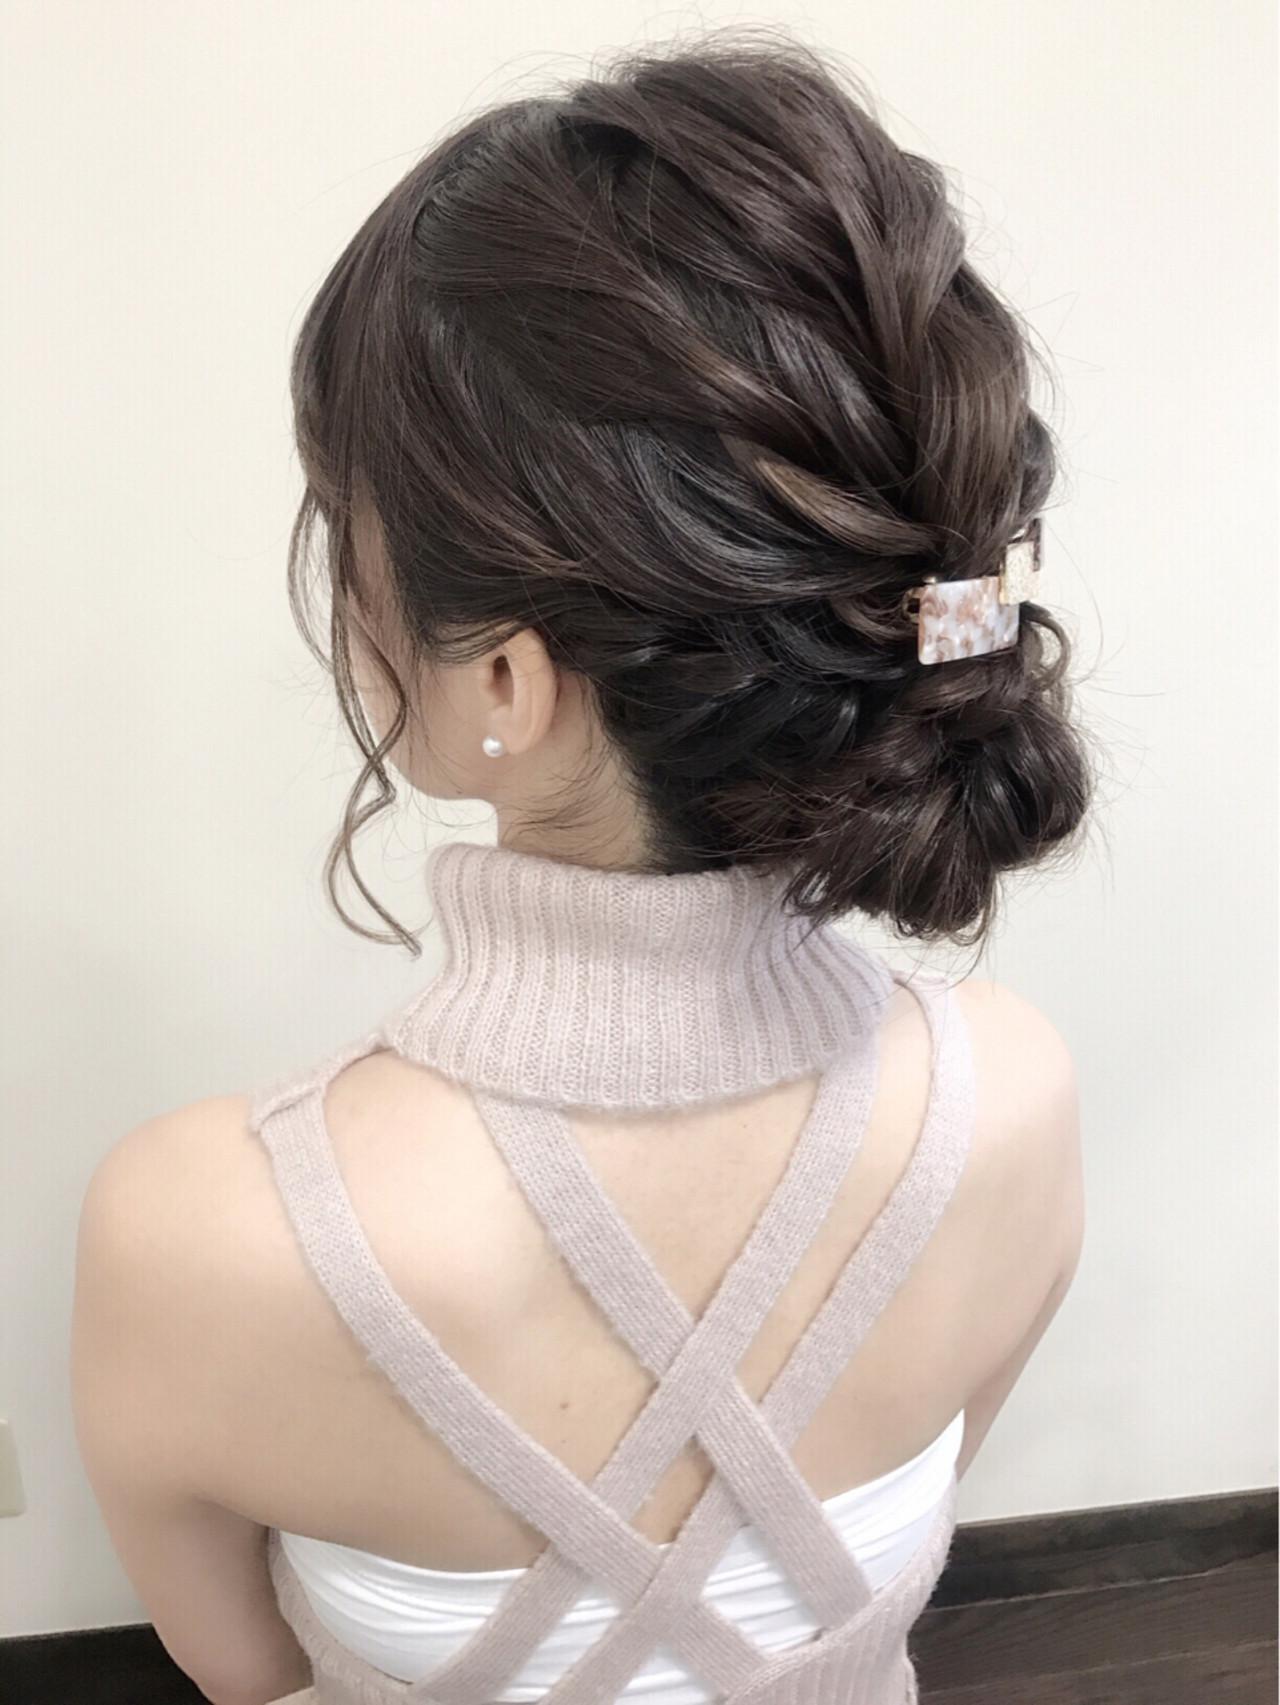 結婚式の定番スタイル!シニヨン 沢田 瞳 | owlhair